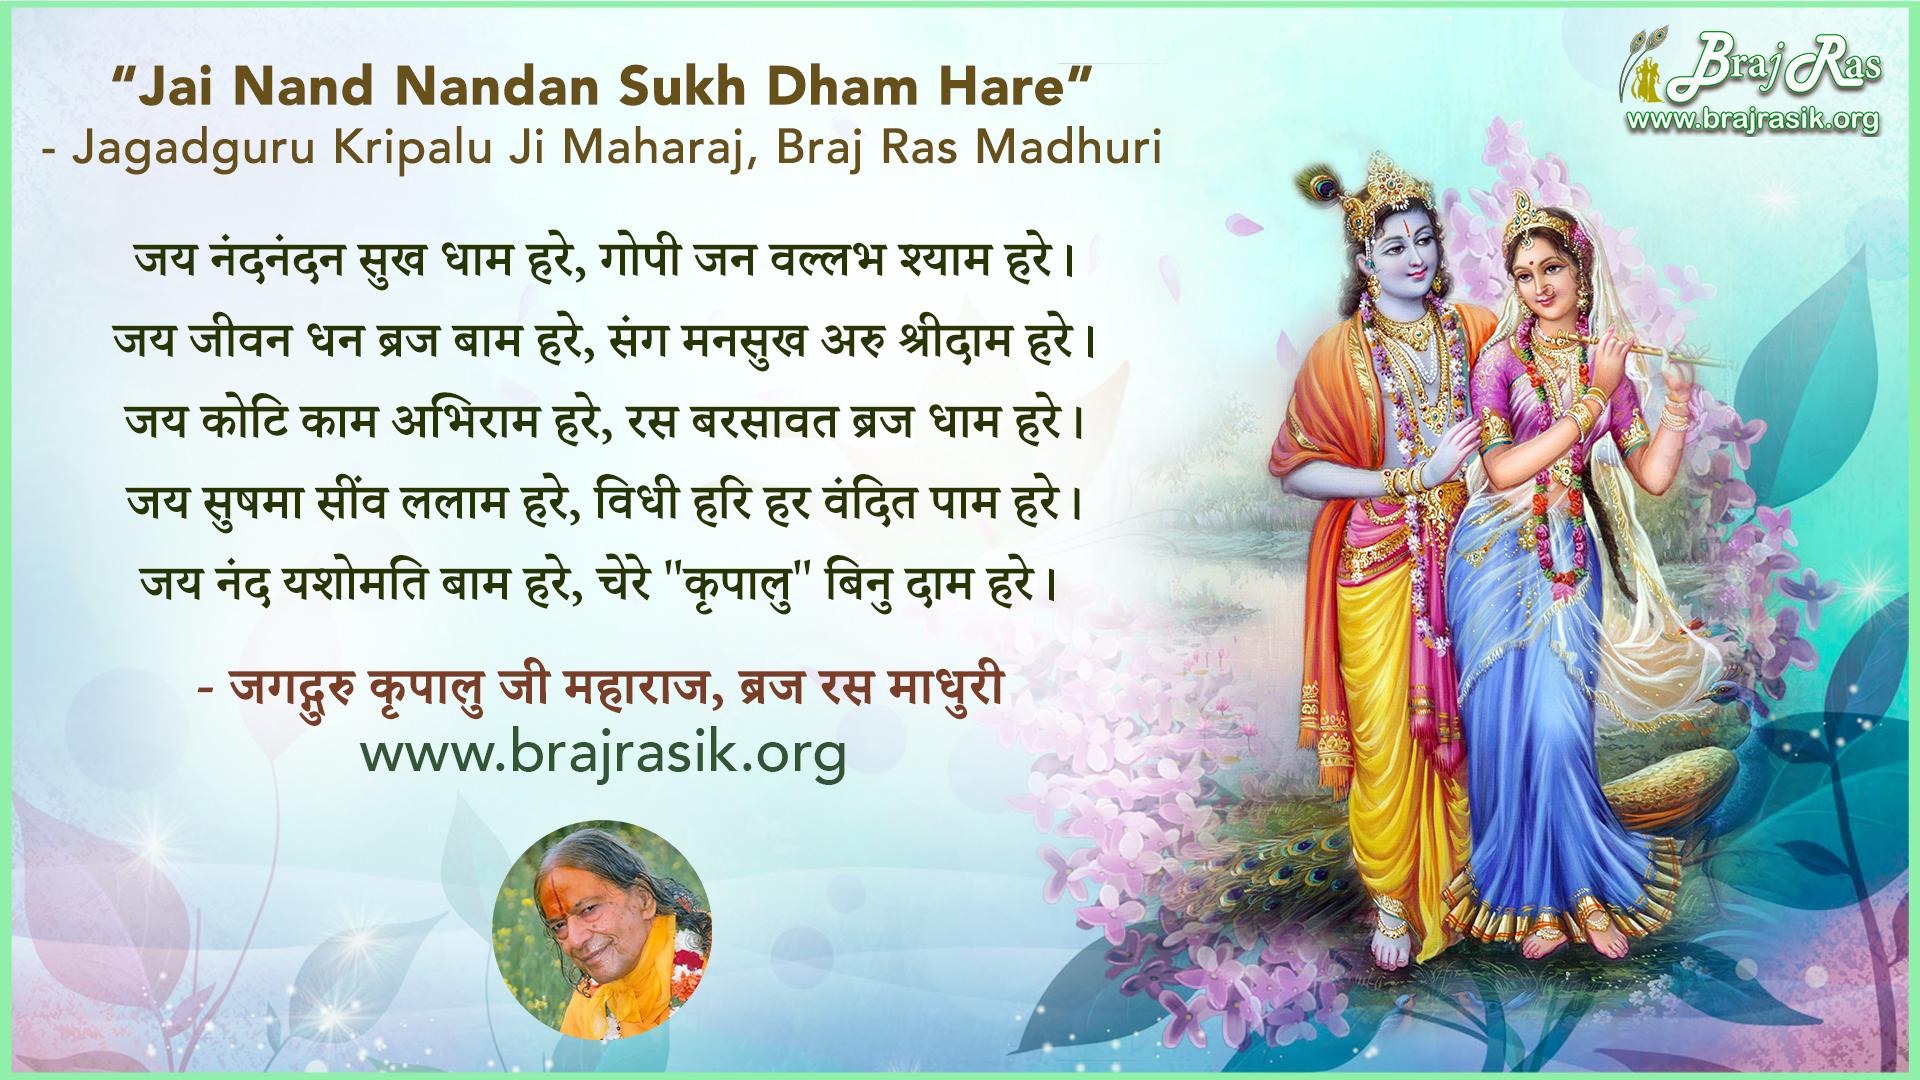 Jai nand nandan sukh dham hare - Jagadguru Kripalu Ji Maharaj, Braj Ras Madhuri